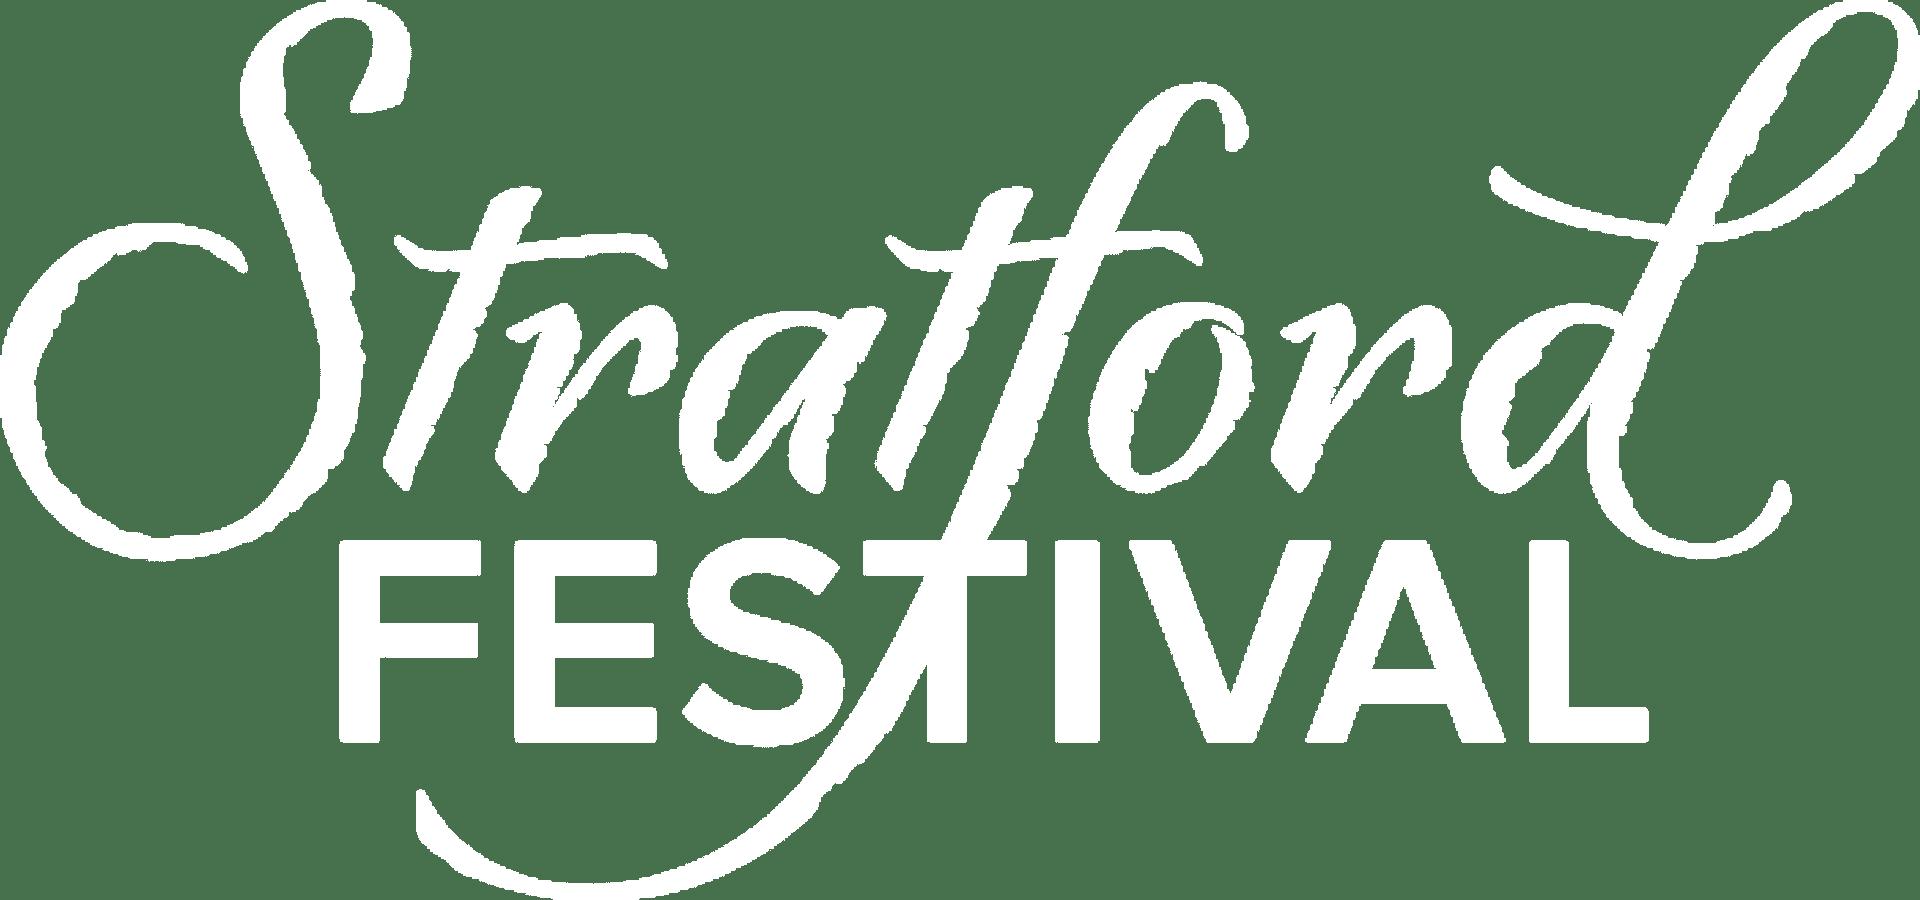 Stratford Festival title treament